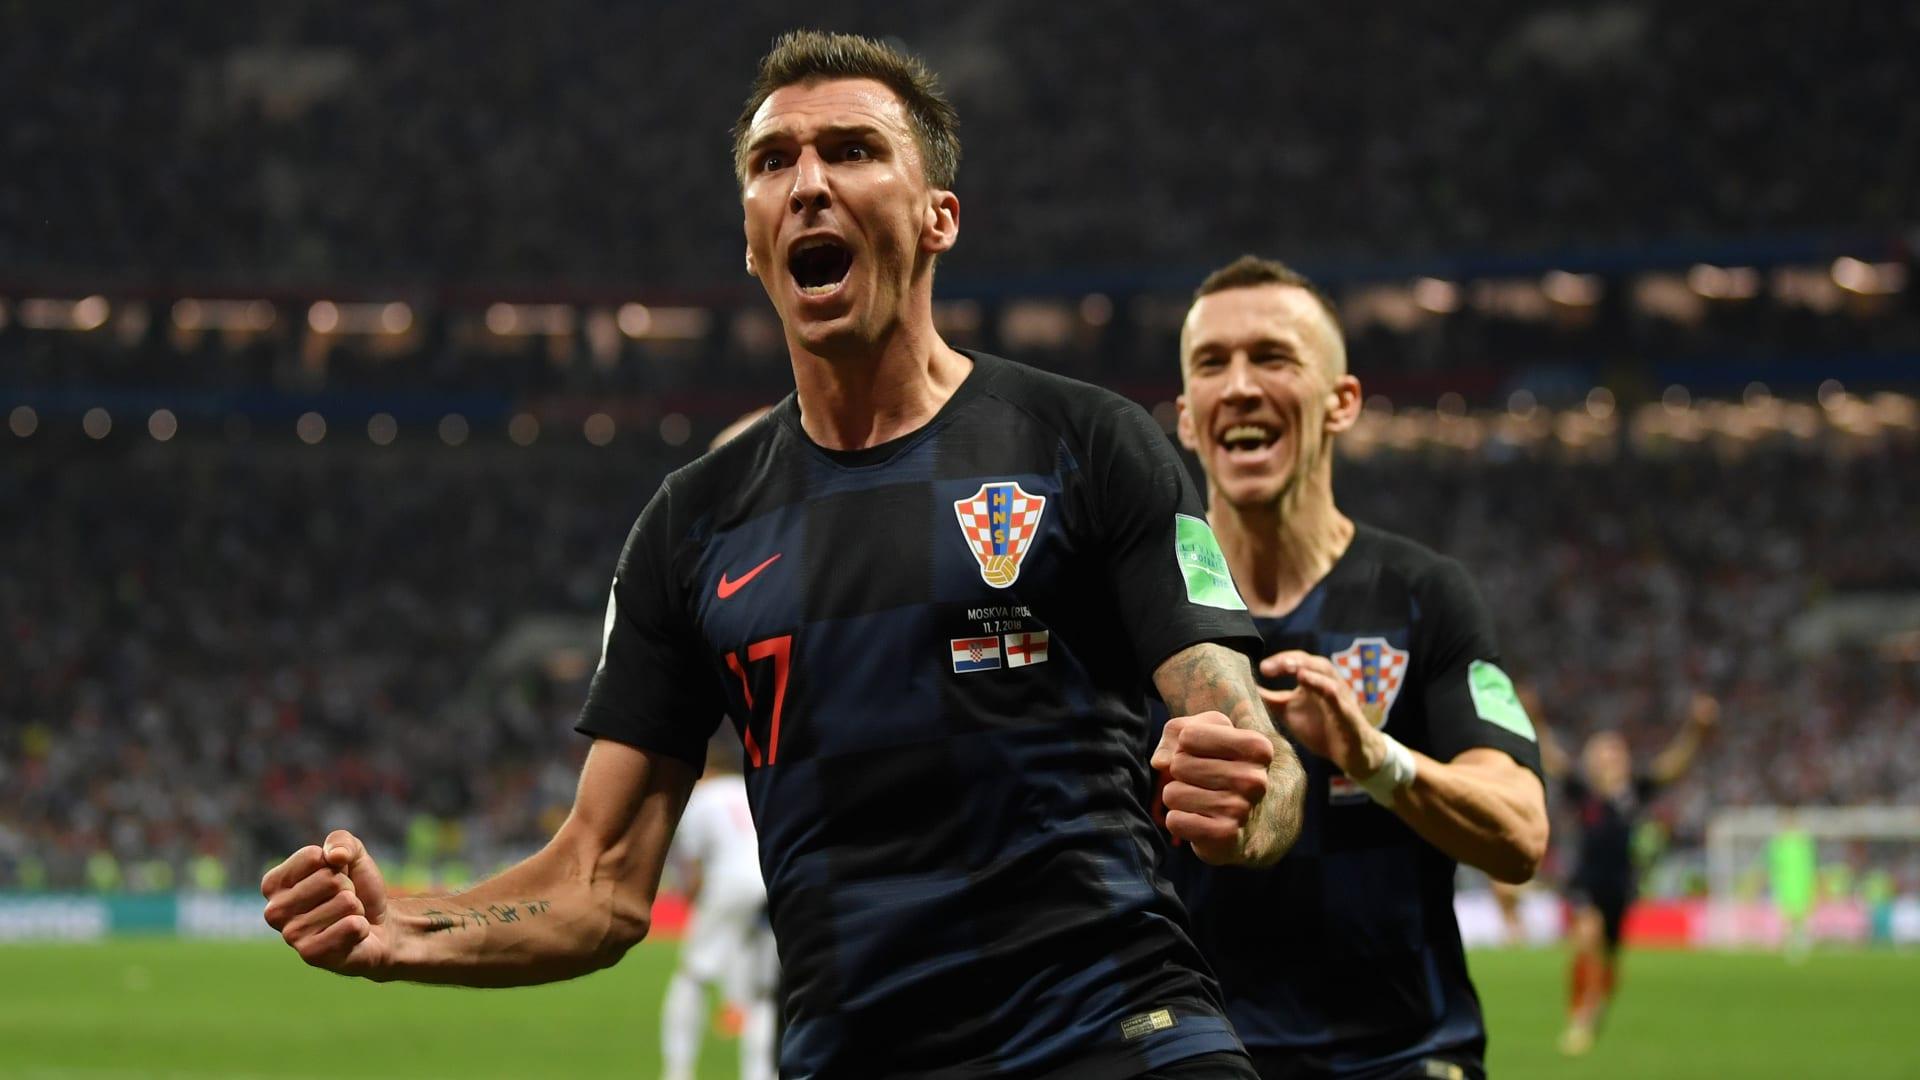 """كرواتيا تقترب من """"المعجزة"""" وتصل لنهائي كأس العالم للمرة الأولى في تاريخها"""